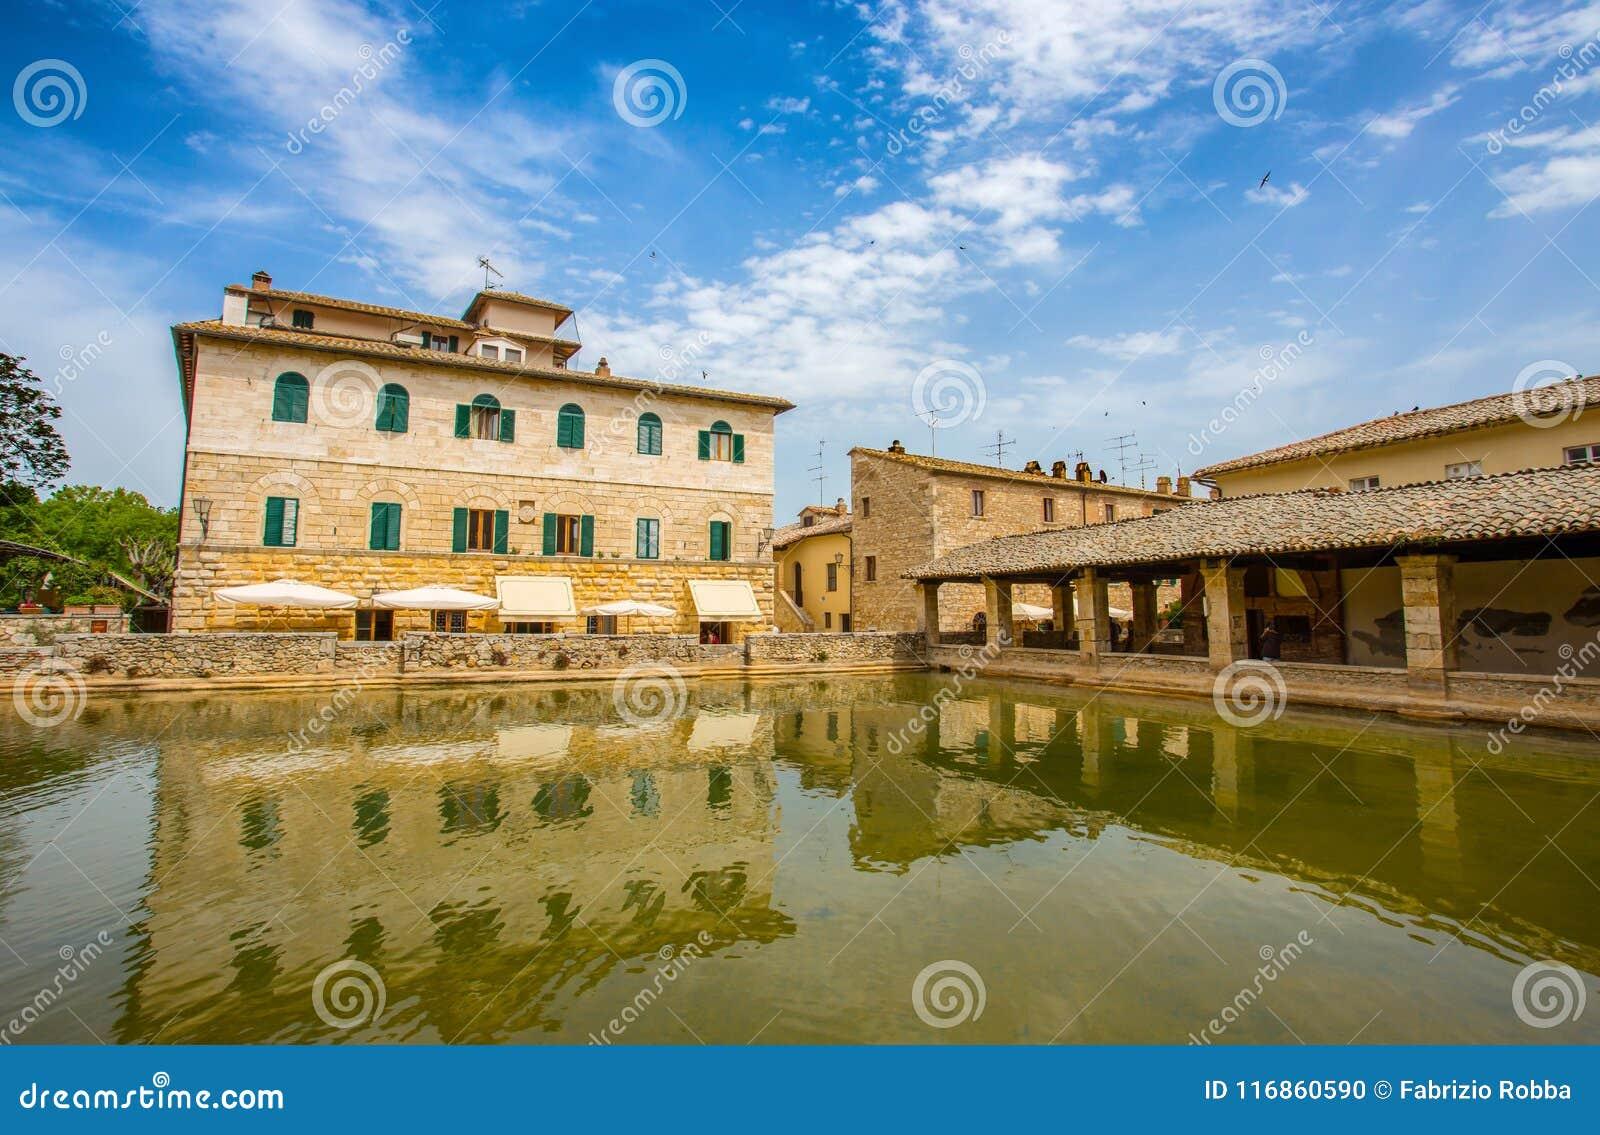 Alte thermische Bäder im mittelalterlichen Dorf Bagno Vignoni, Siena-Provinz, Toskana, Italien